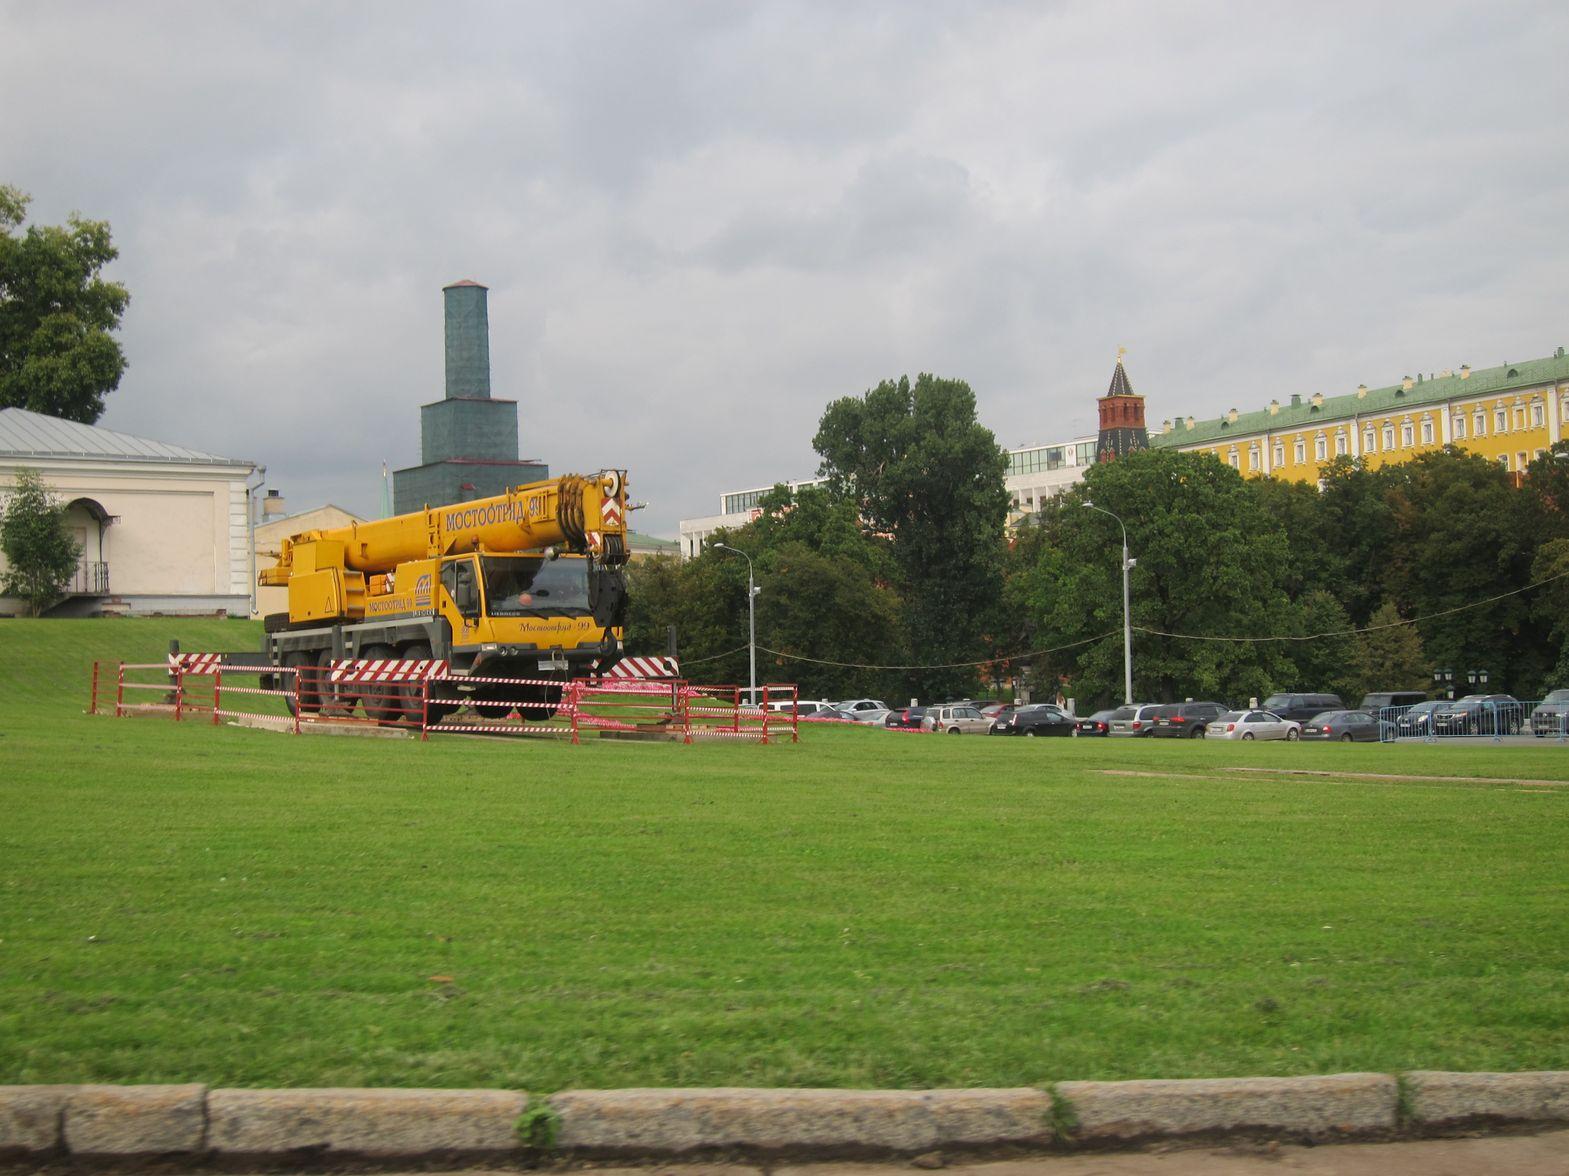 Строительный кран на Боровицкой Площади в Москве 10 сентября 2015